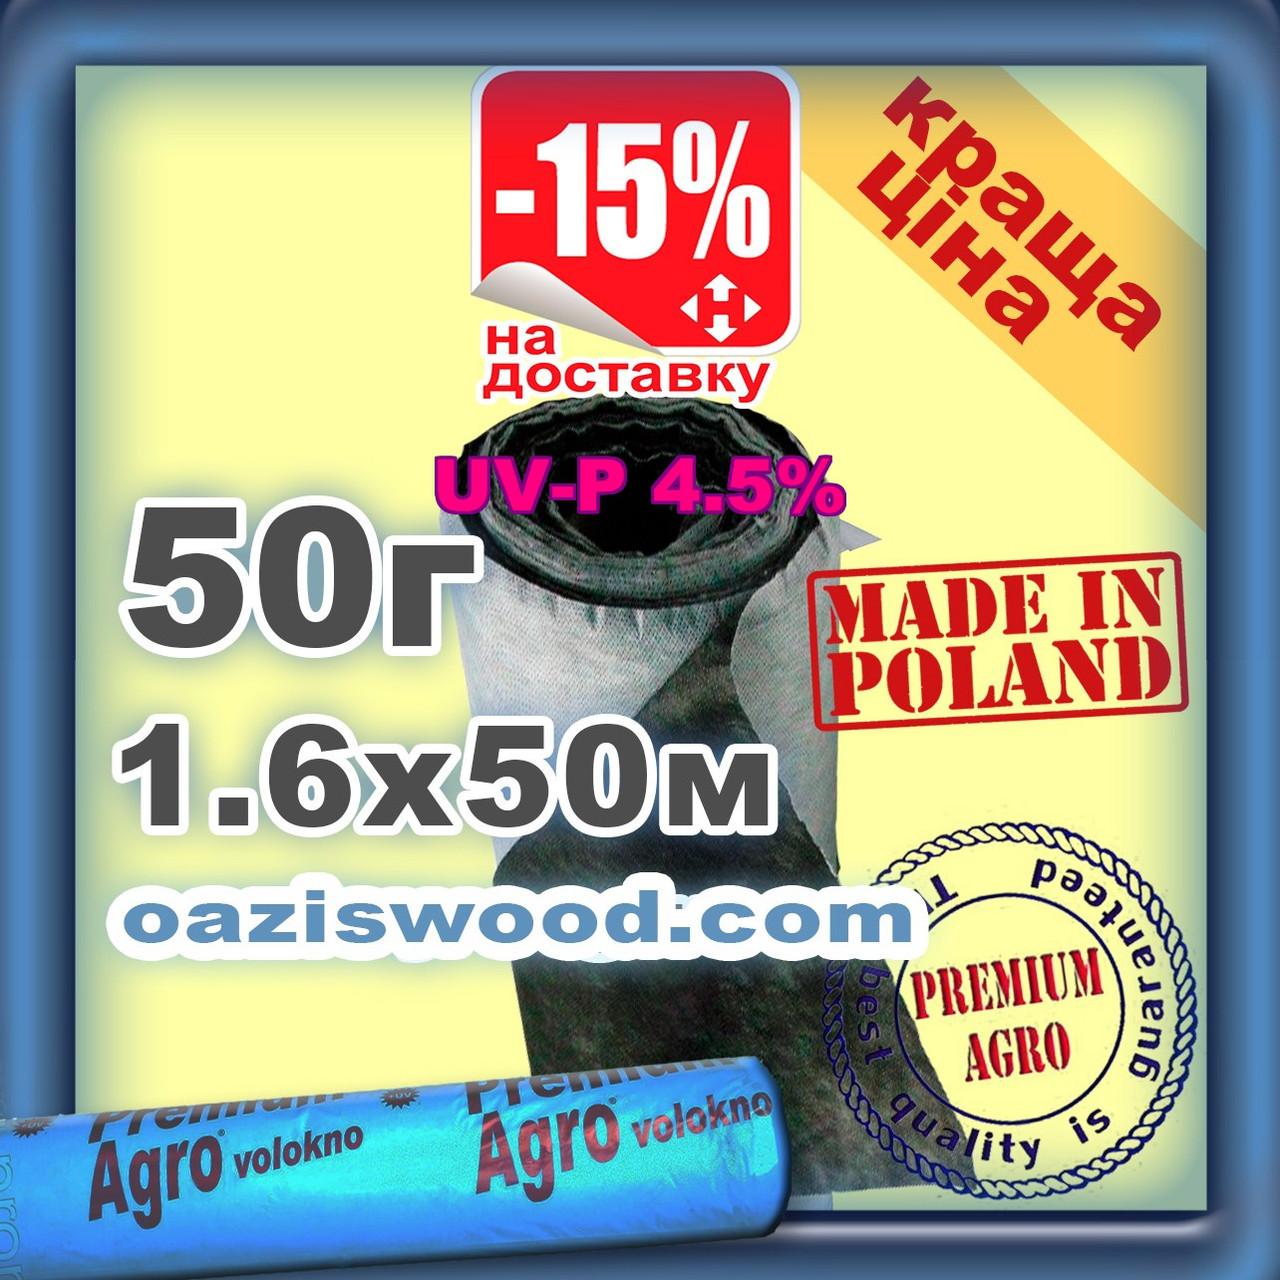 Агроволокно p-50g 1.6*50м черно-белое UV-P 4.5% Premium-Agro Польша